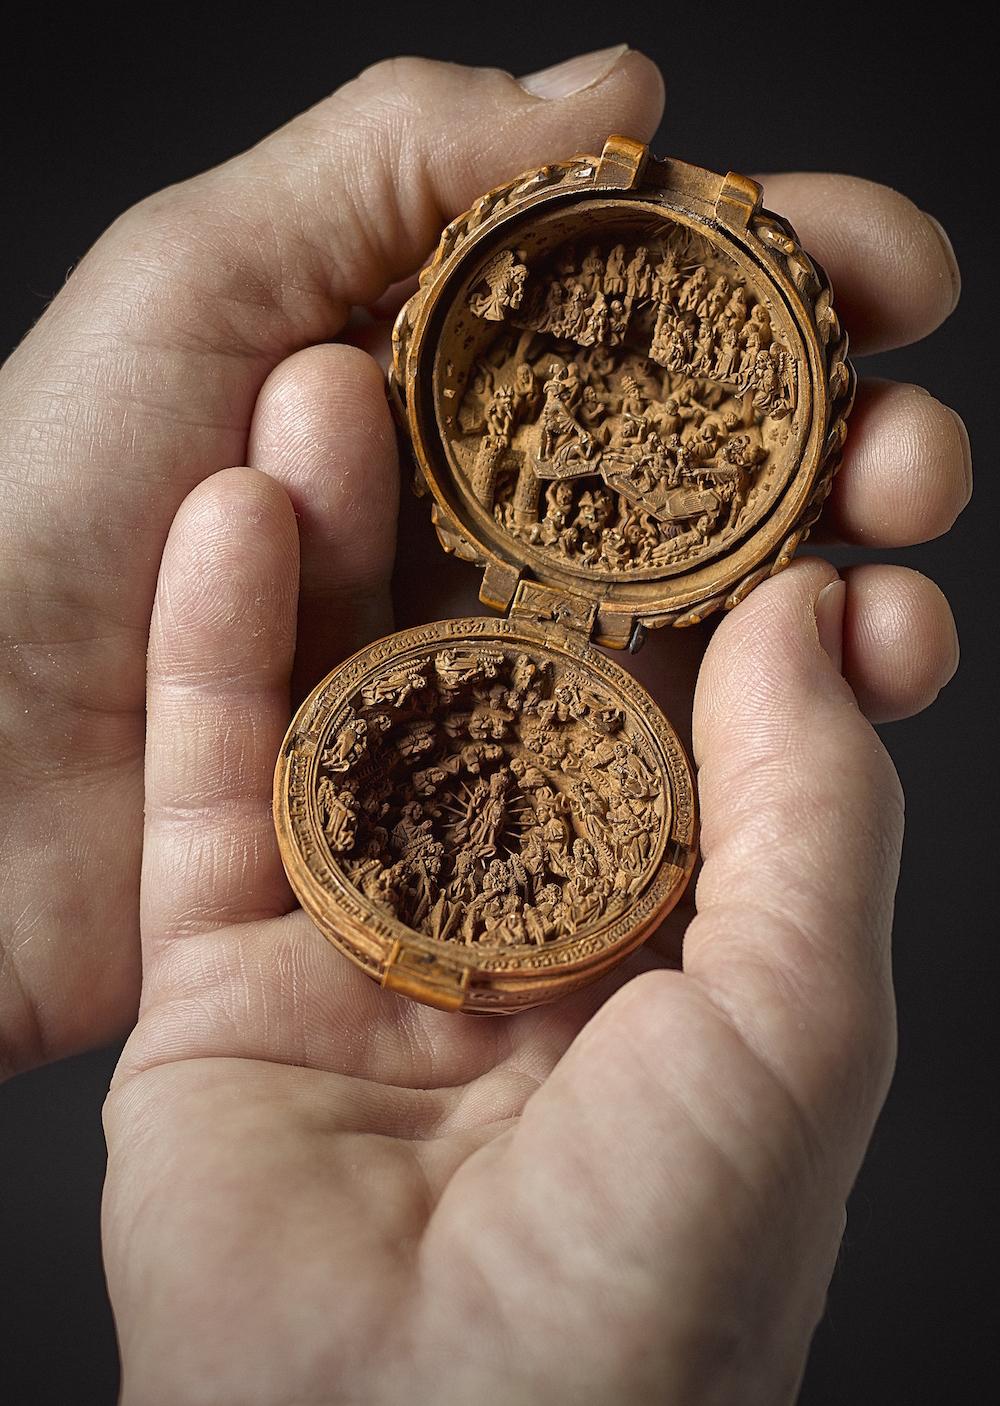 Sólo existen 135 de estas miniaturas, todas ellas hechas en madera de boj. Se supone que la producción se detuvo por causa de la influencia de la Reforma protestante en los Países Bajos, haciendo que muchos de estos objetos devocionales cayesen en desuso.